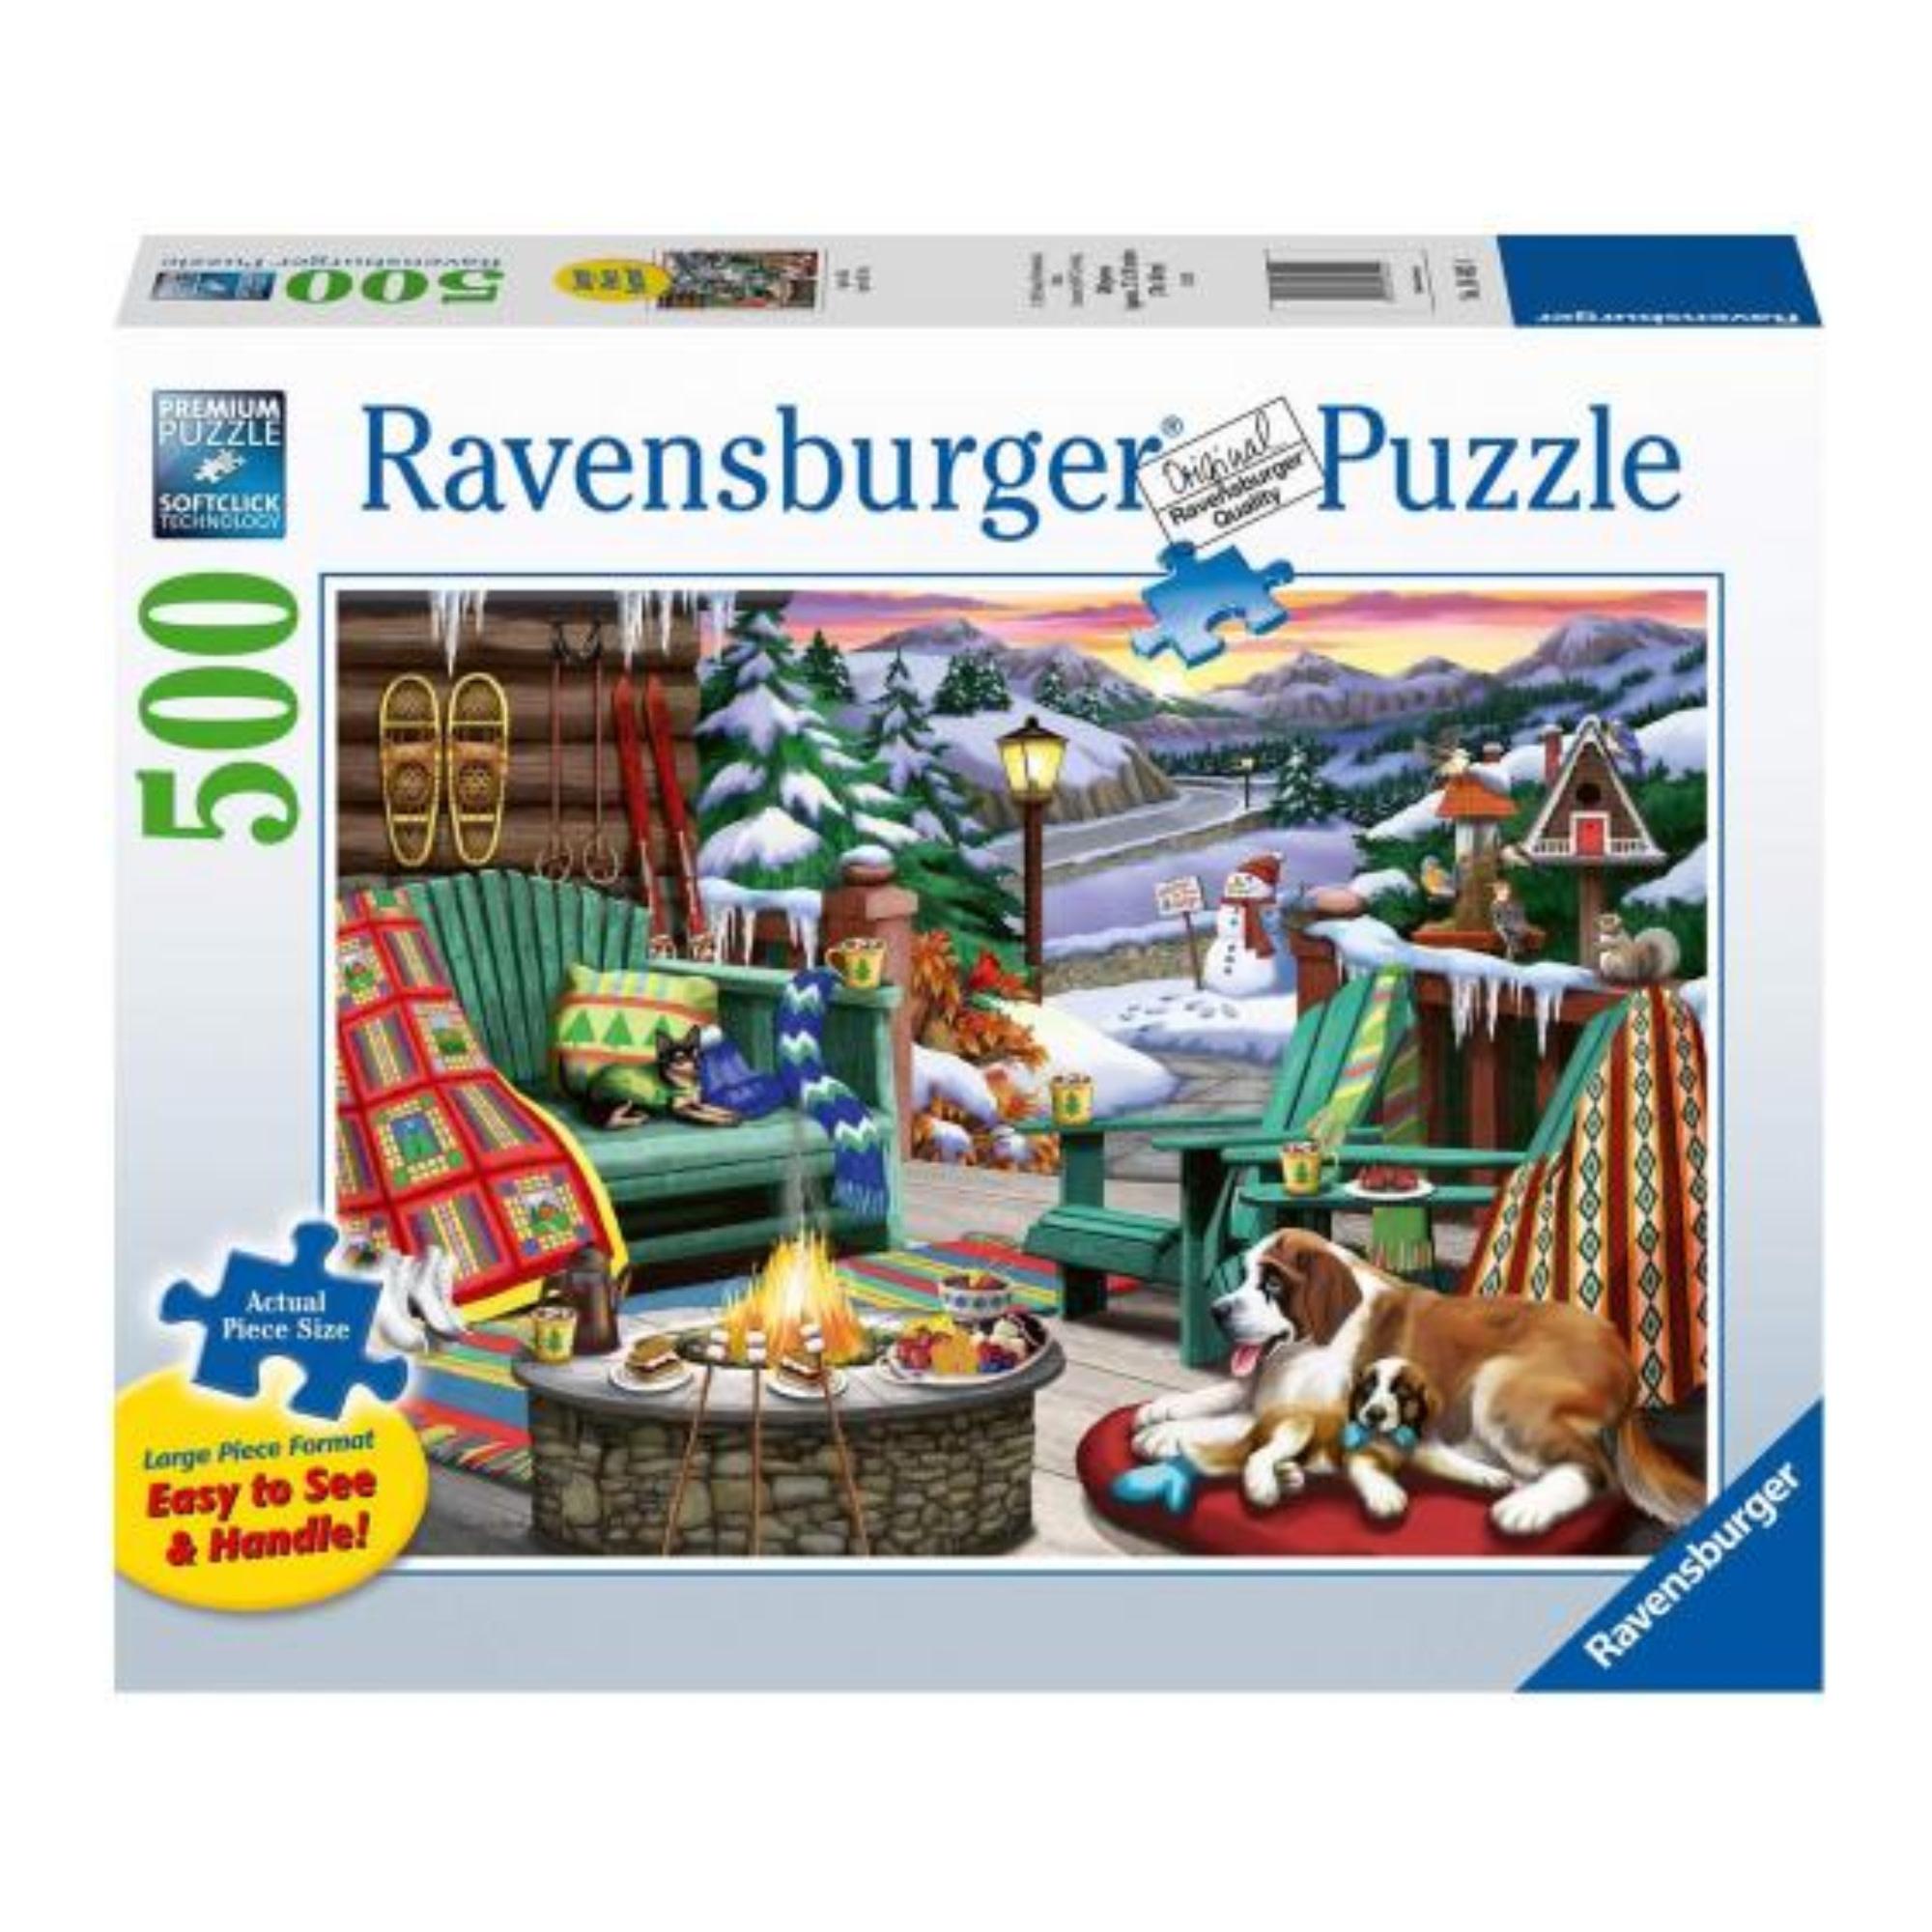 Ravensburger Puzzle 500: Après-ski / Large